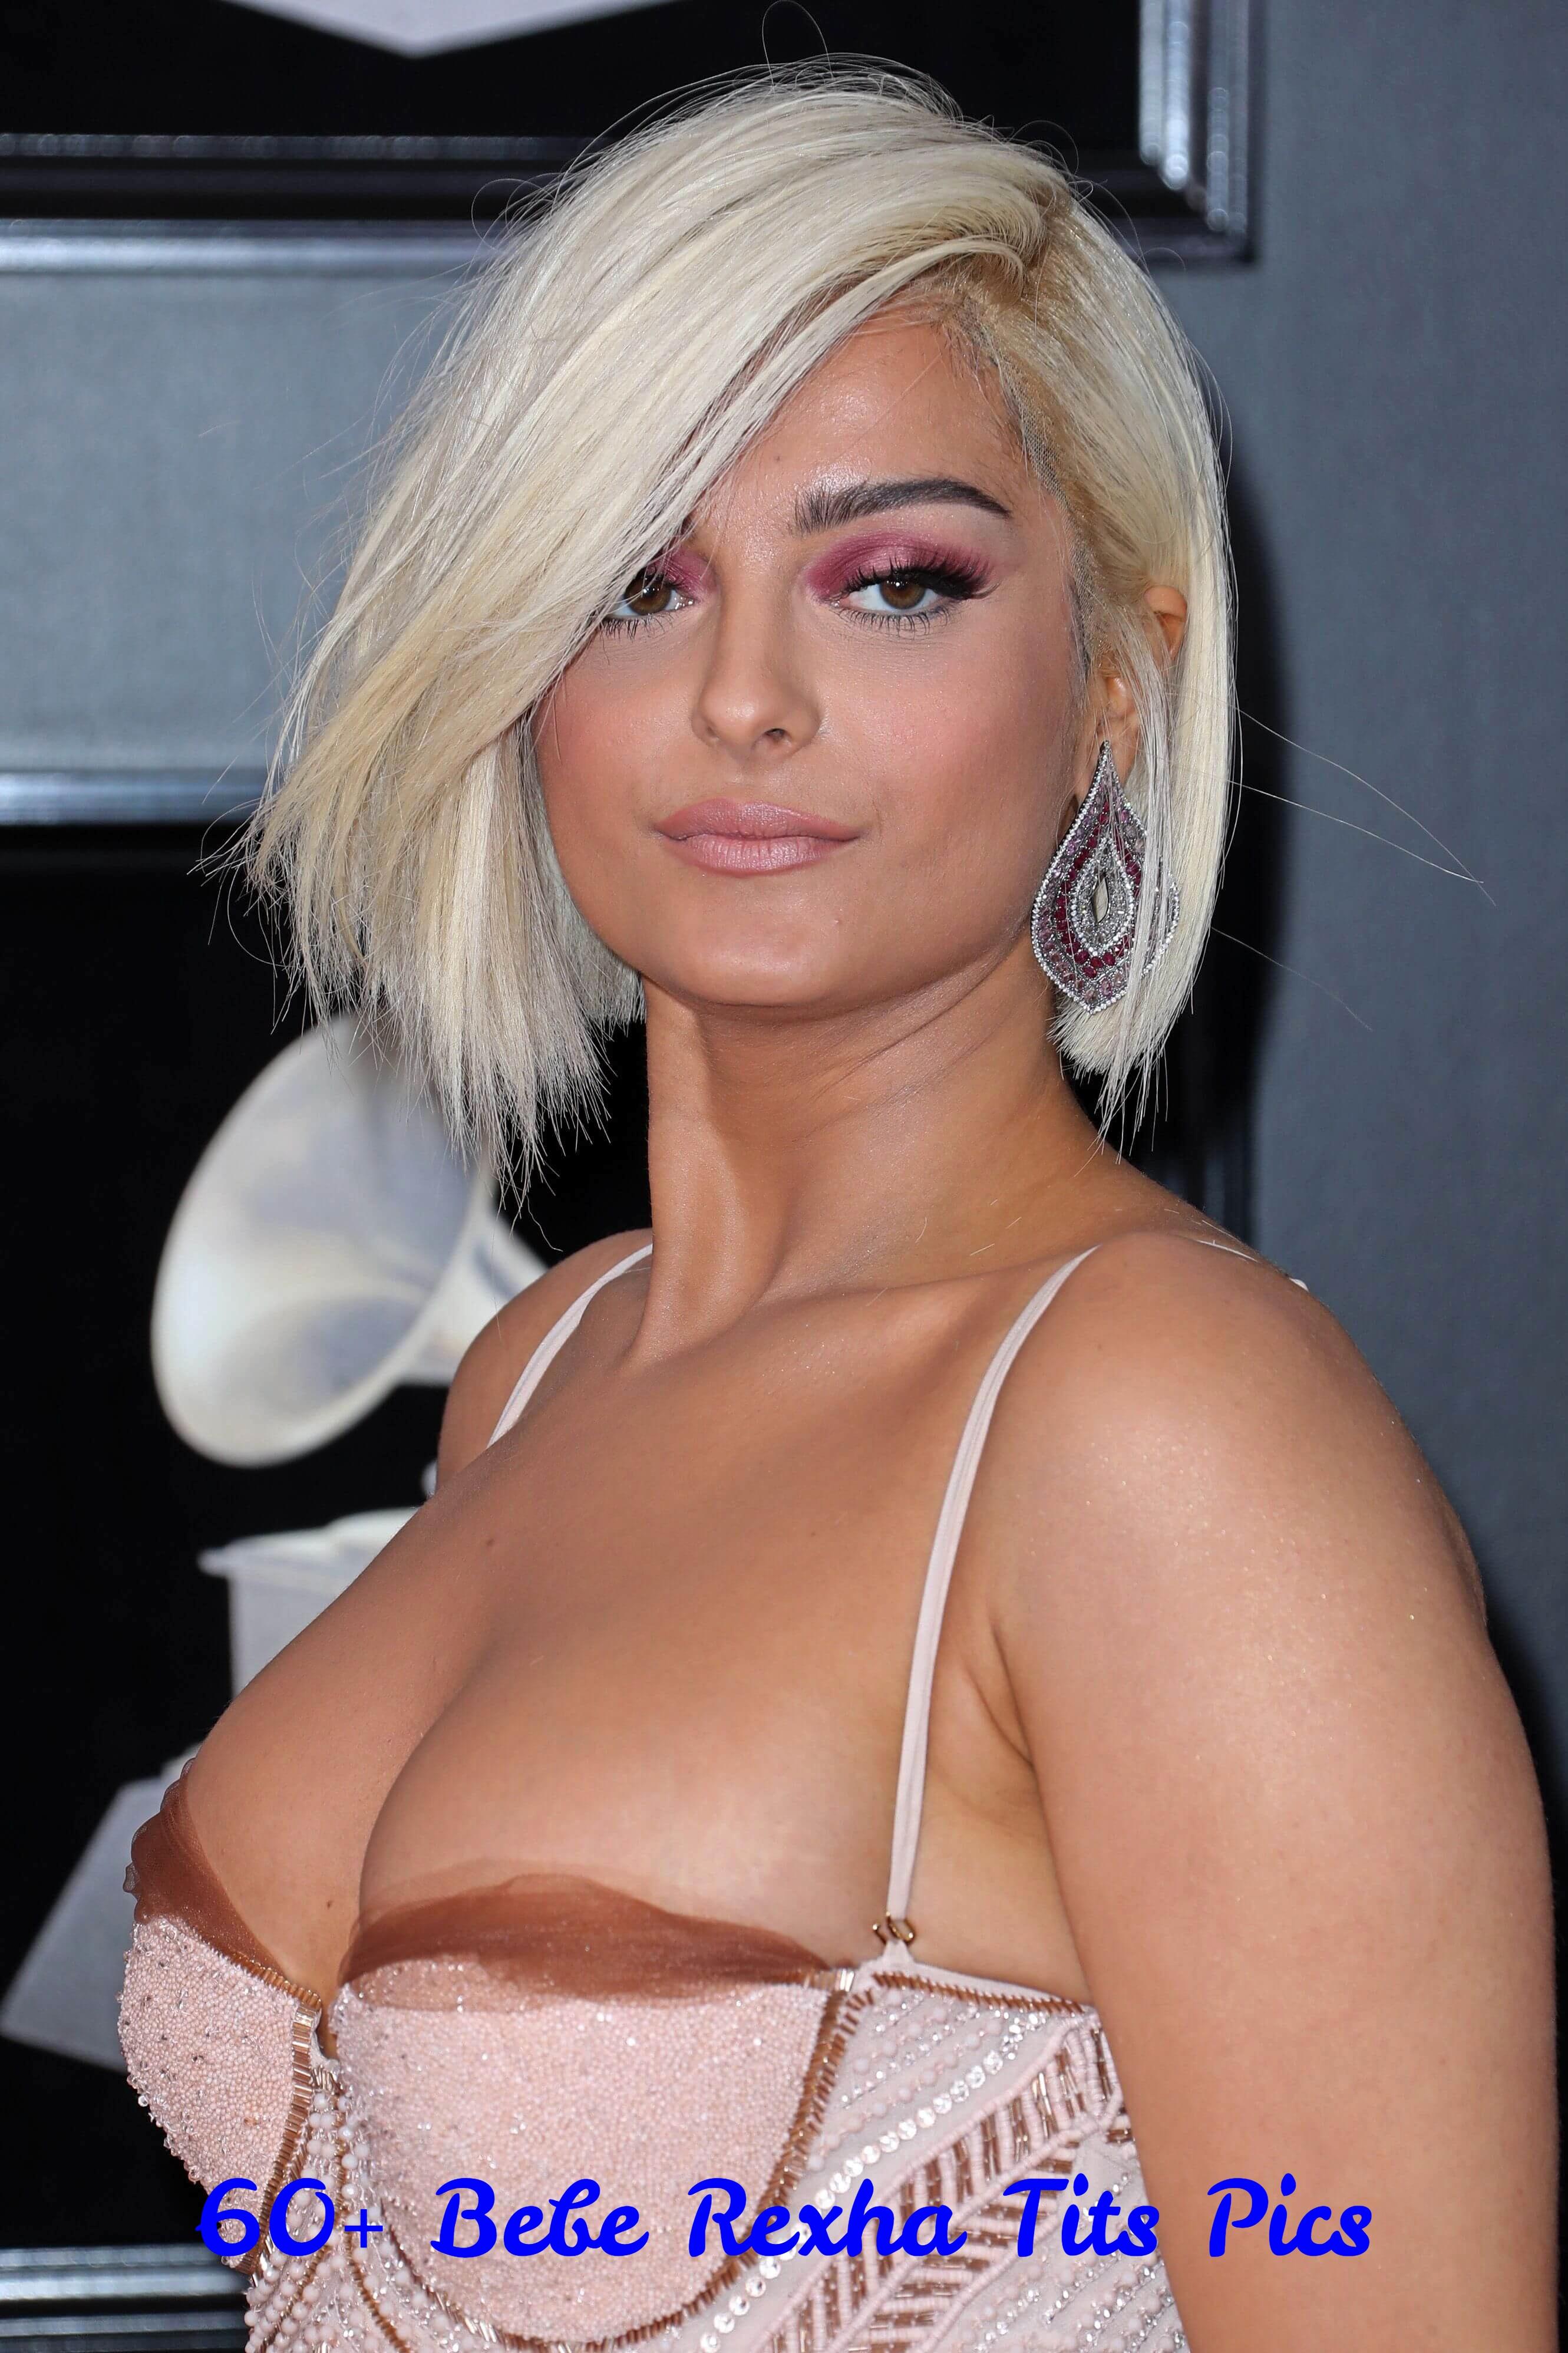 Bebe Rexha tits pics